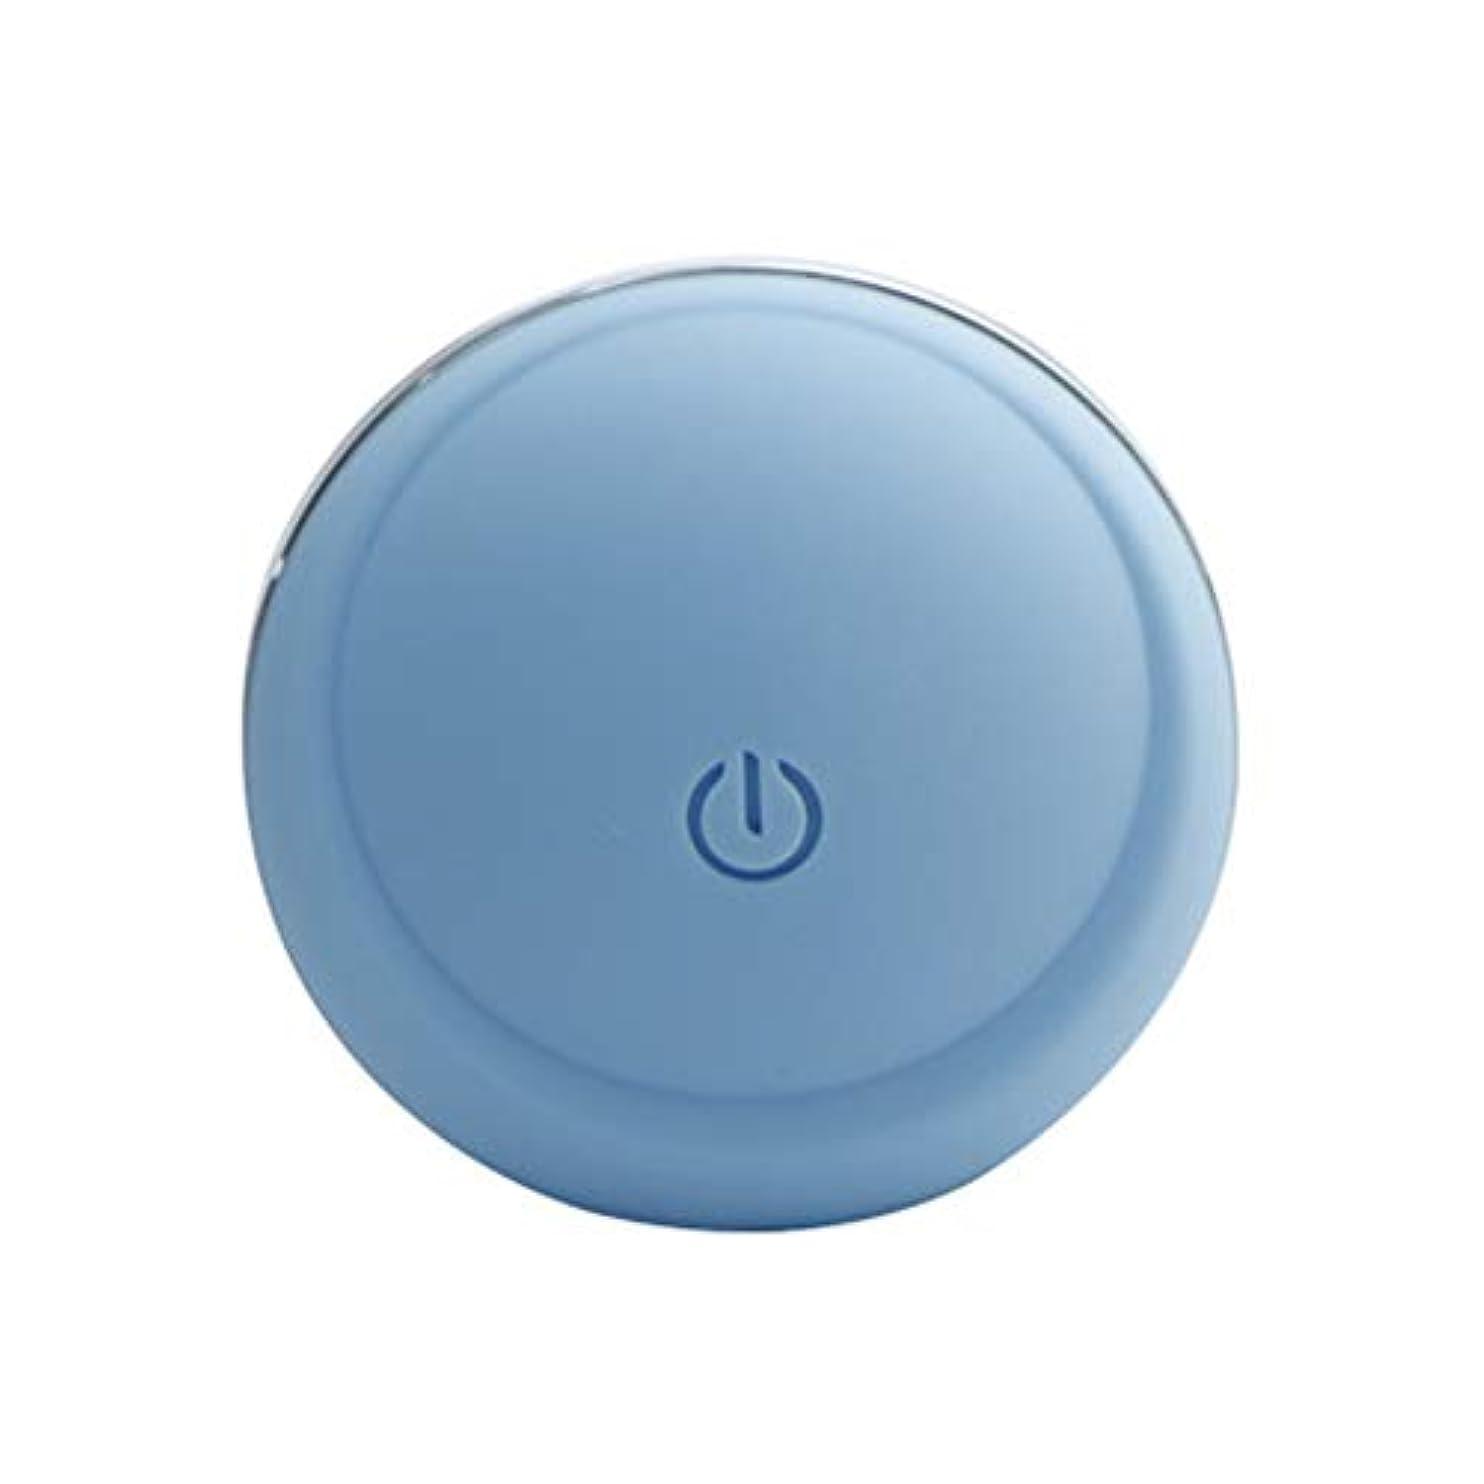 以来不実糞電動洗顔ブラシ - USB 充電 携帯用電動シリコンフェイスクレンジングブラシ 3速 全身防水 洗浄機毛穴クリーナーホーム顔美容機器ホーム